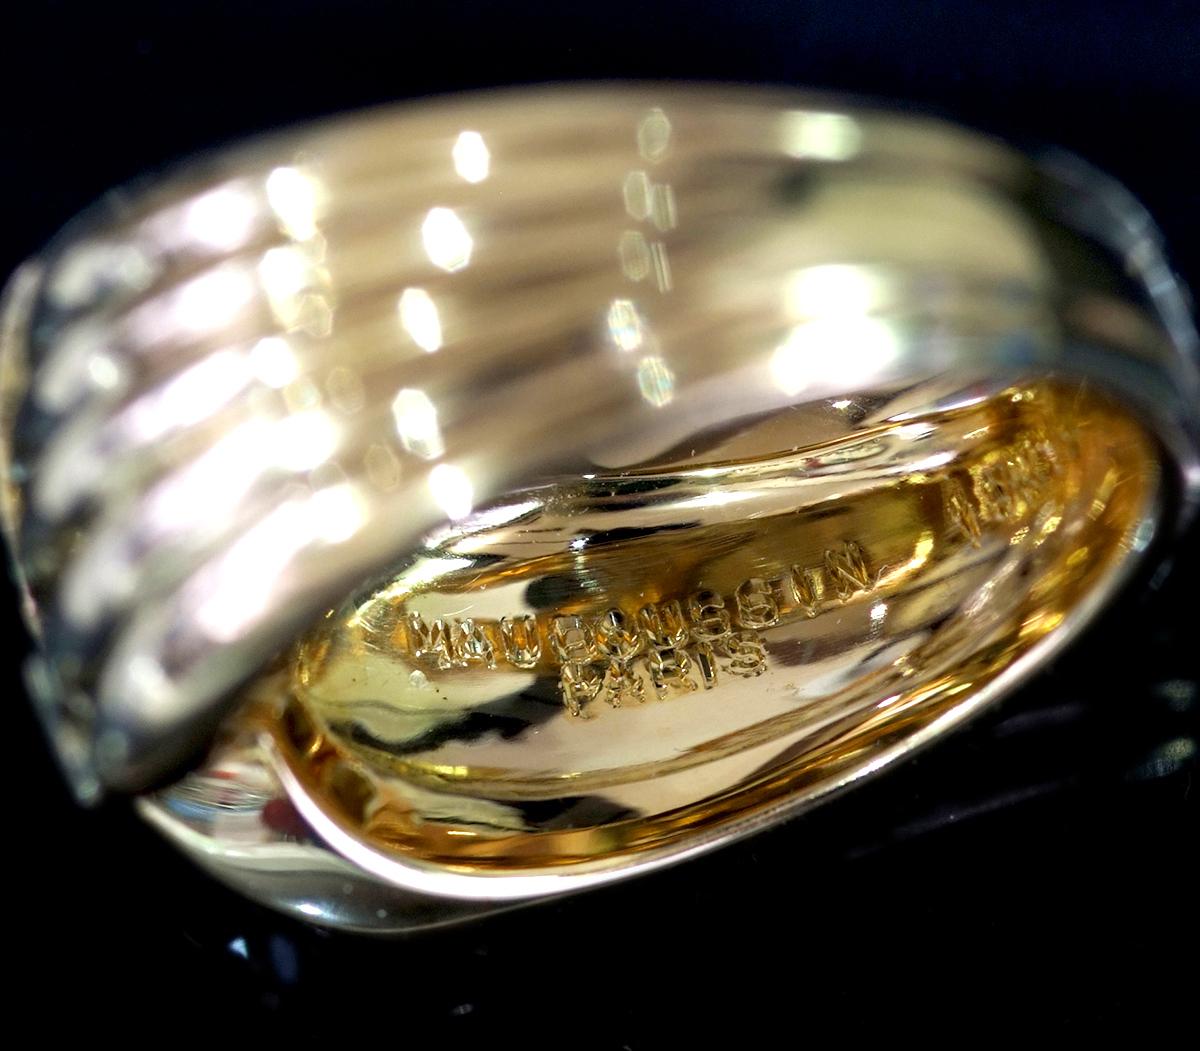 E8196【MAUBOUSSIN】モーブッサン 天然絶品ダイヤモンド7pcs サファイア4pcs 最高級18金無垢リング サイズ12.5号 重量10.9g 縦幅9.8mm_画像3